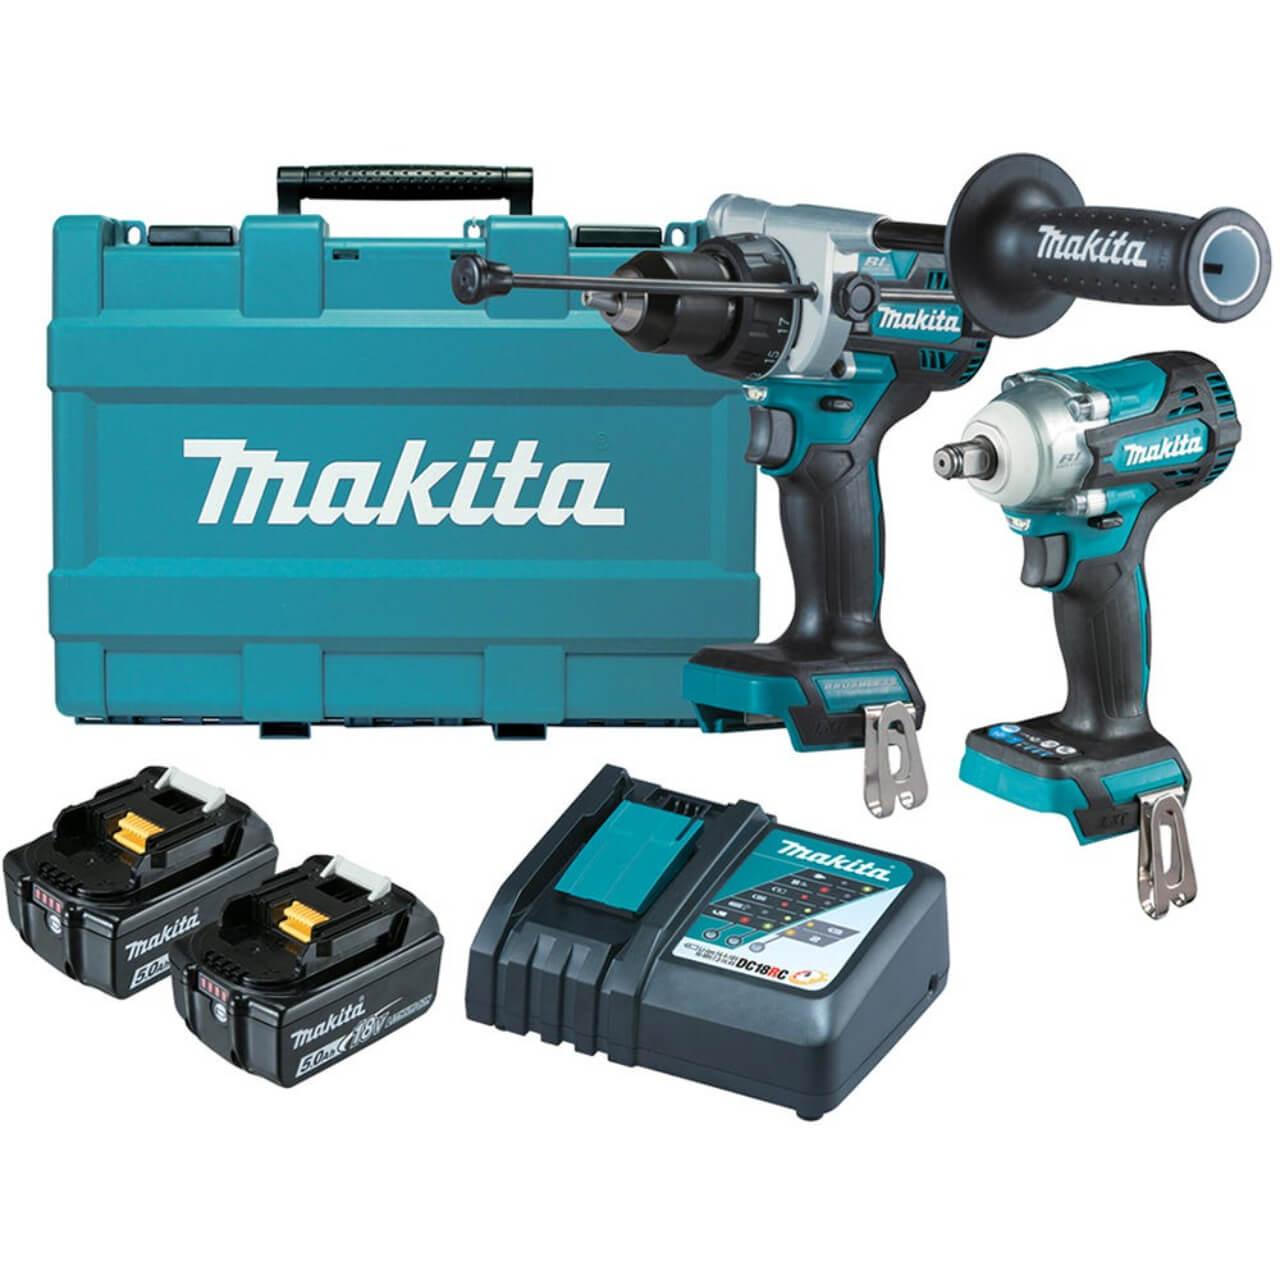 Makita 18V 5.0Ah Li-ion Cordless Brushless 2pce Combo Kit